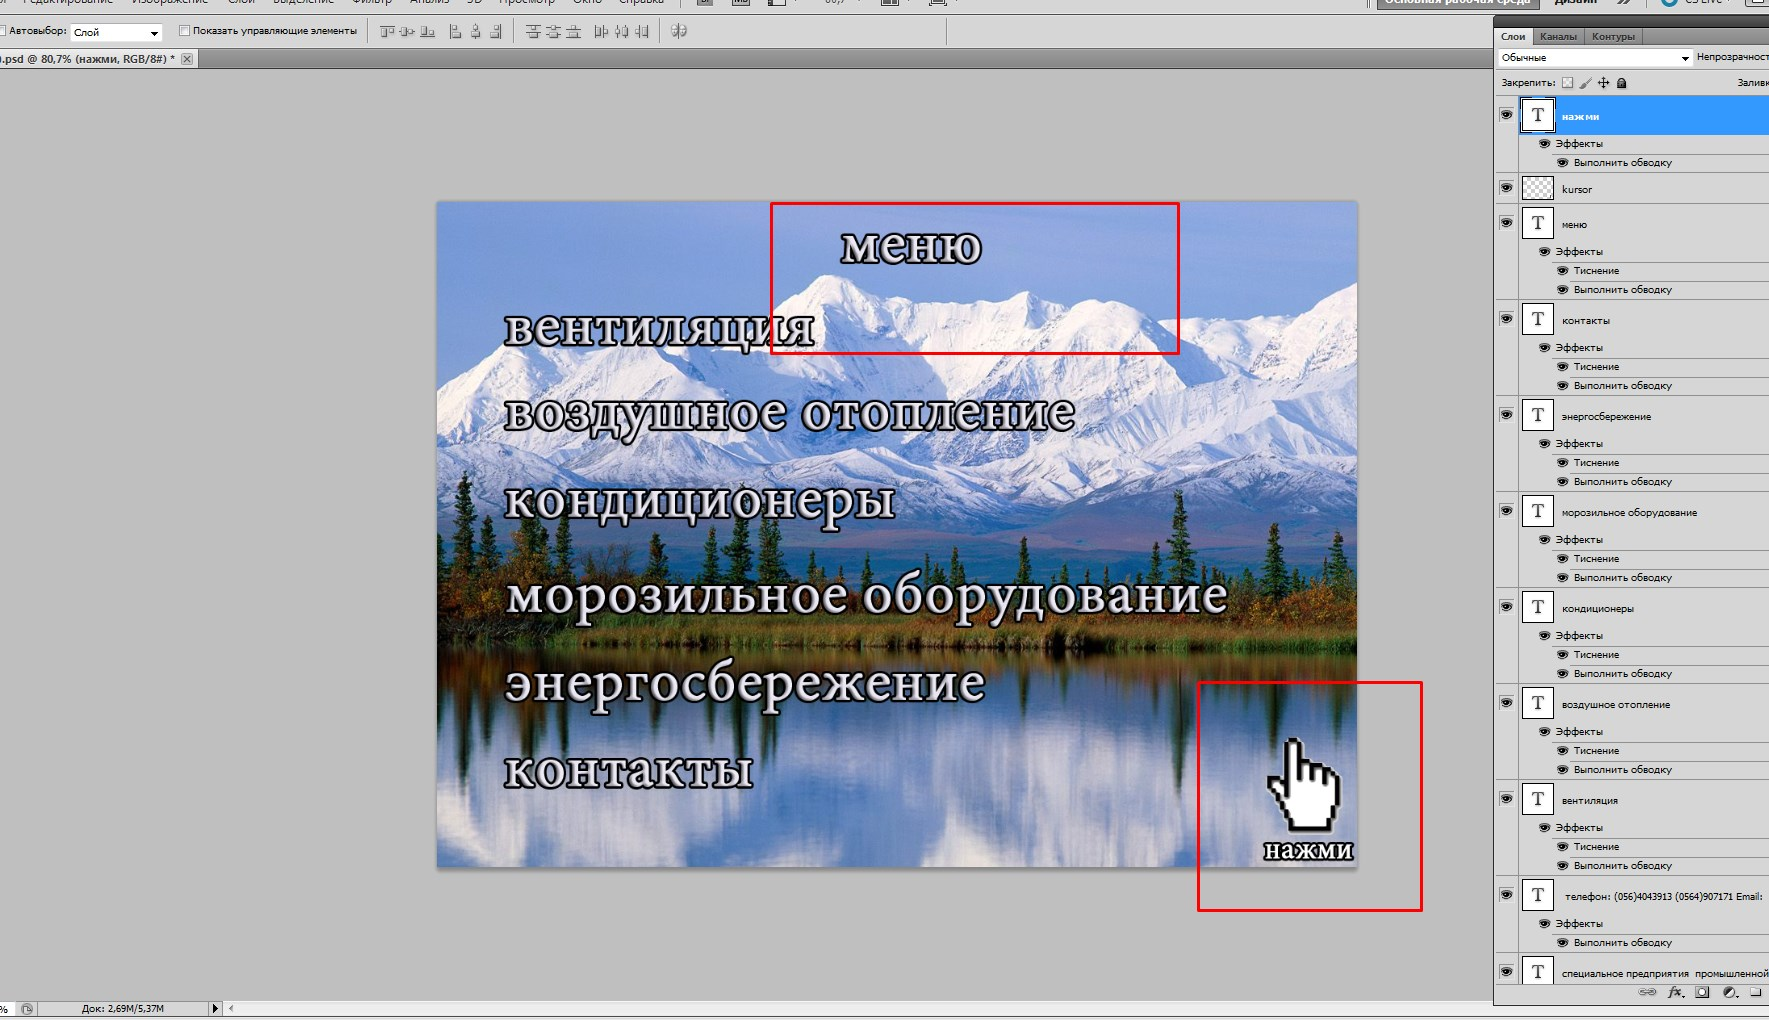 Как сделать меню нажав на фото